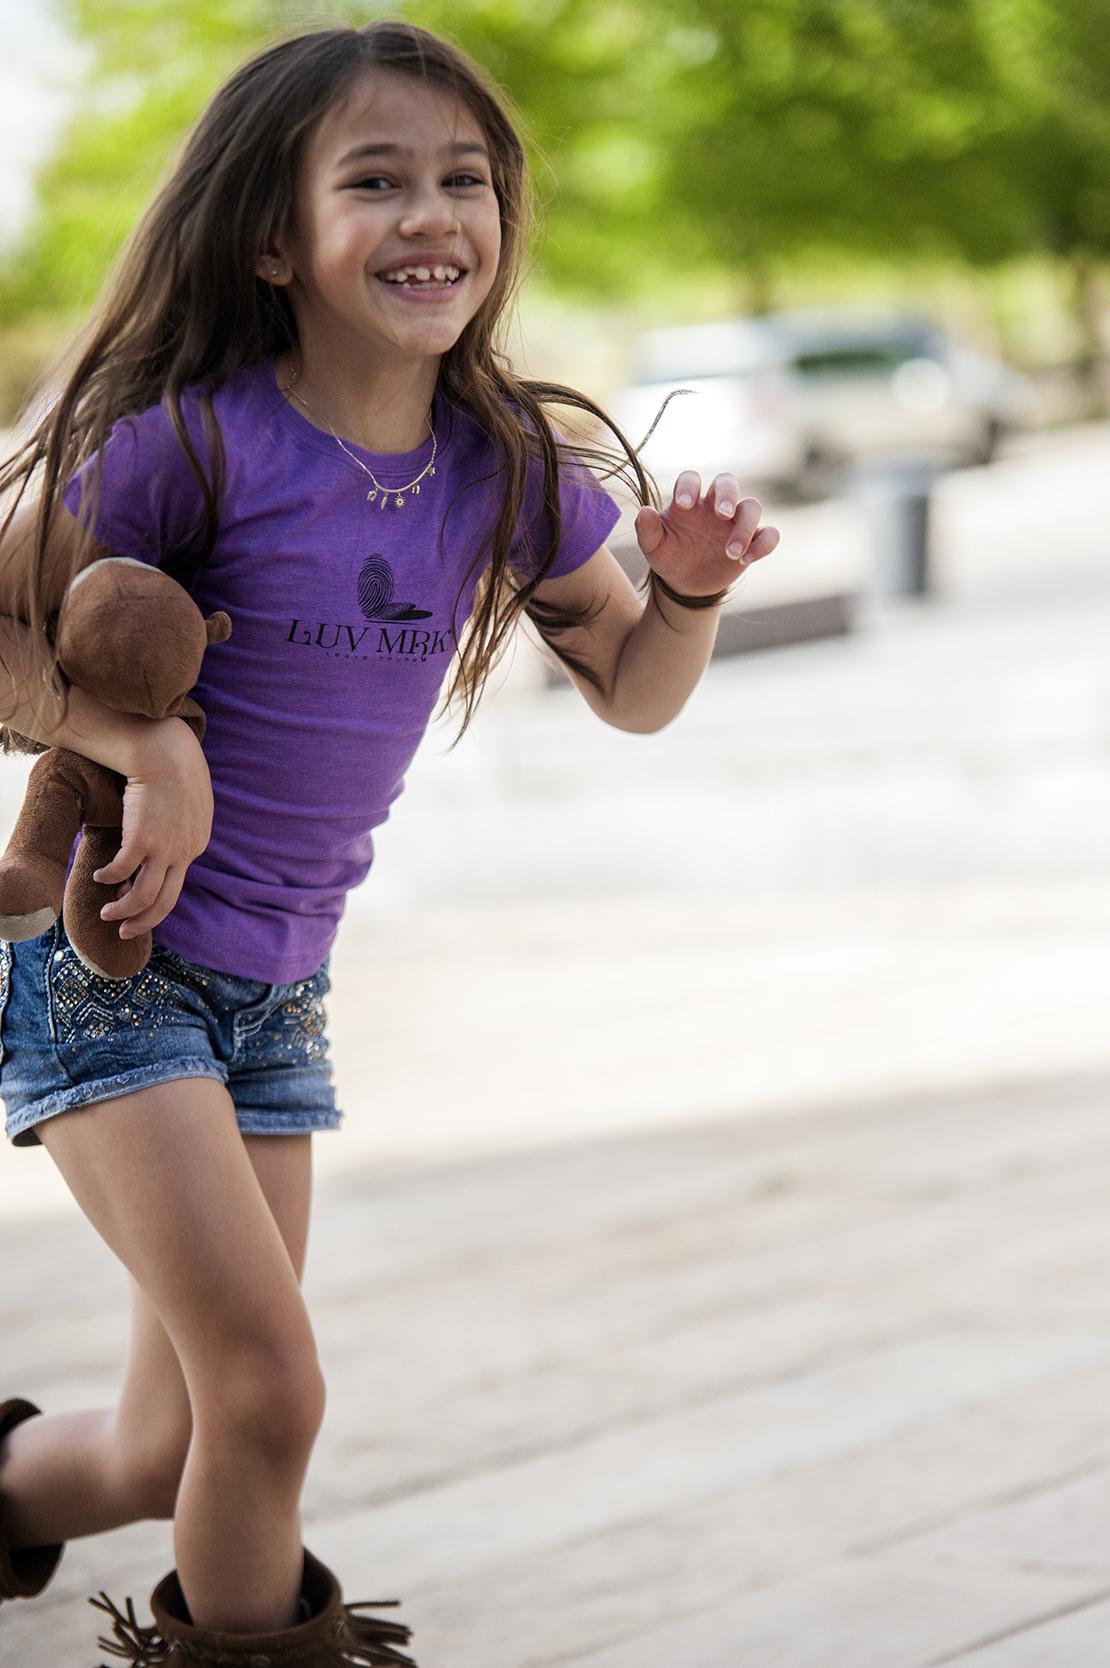 Girl Shirt. Running. Mylee.jpg